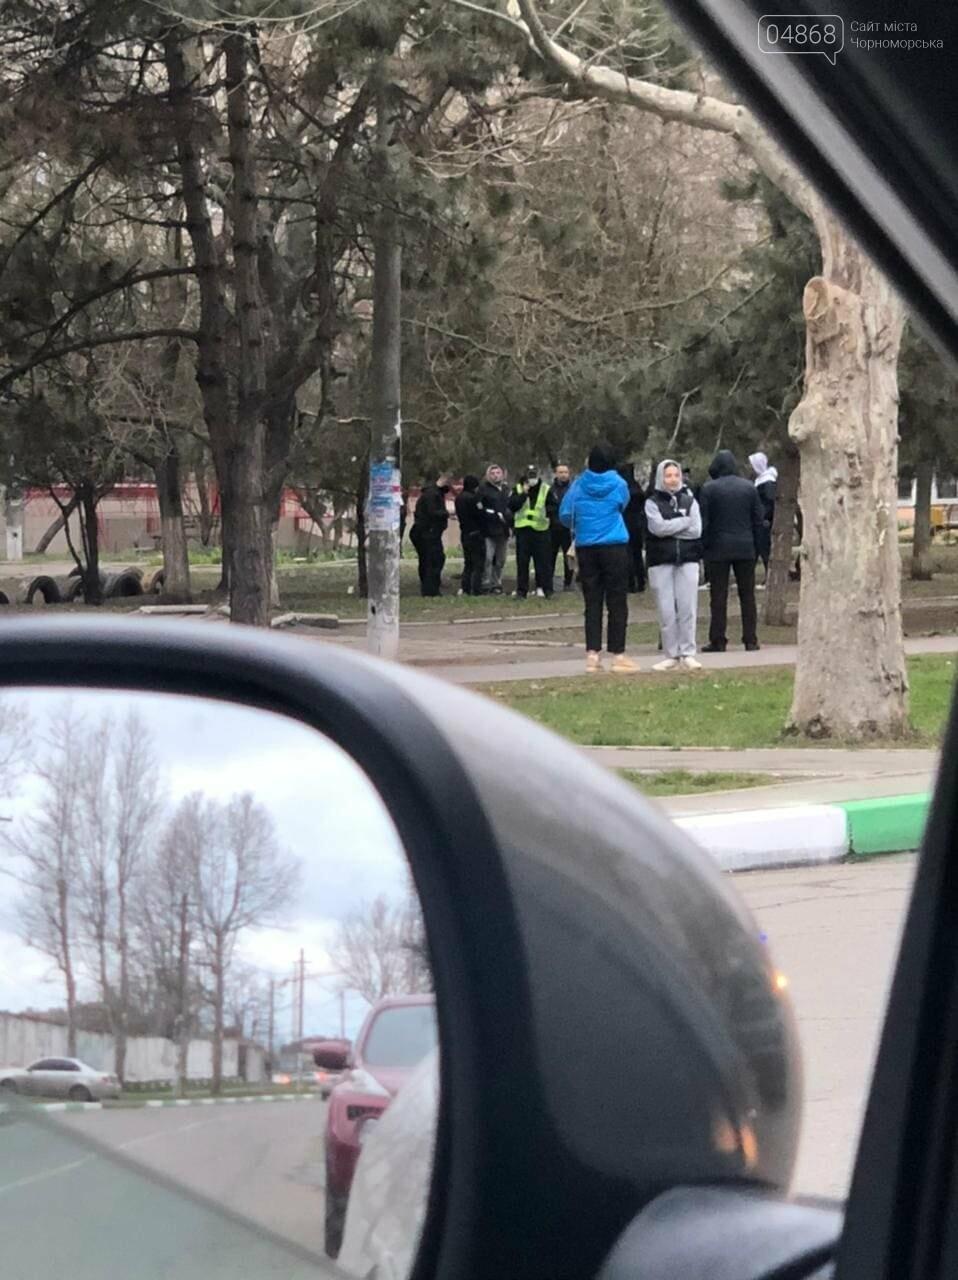 В Черноморске злоумышленник нанес несколько ножевых ранений продавцу овощной лавки, фото-1